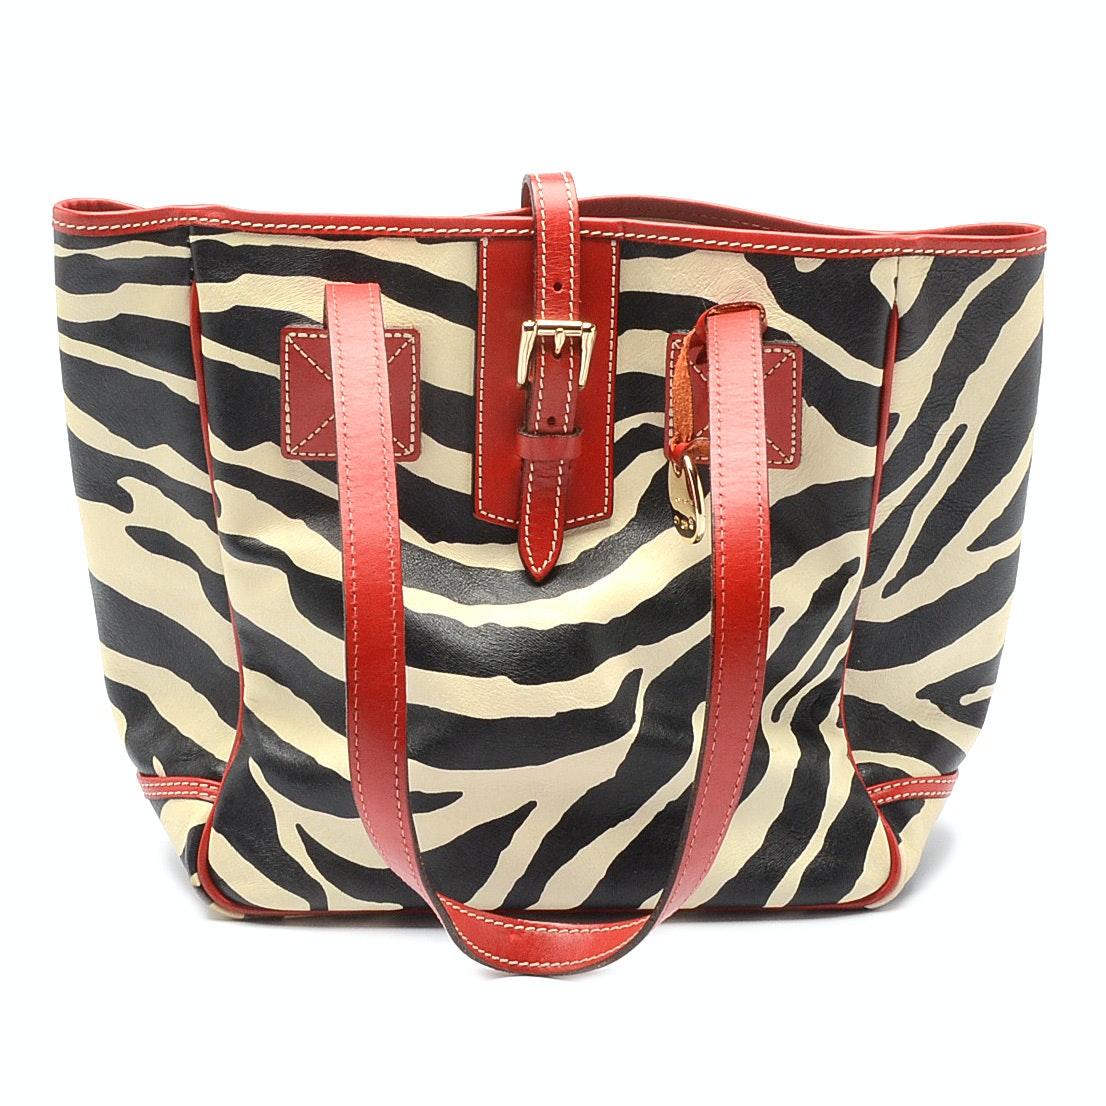 Dooney & Bourke Zebra Tote Bag